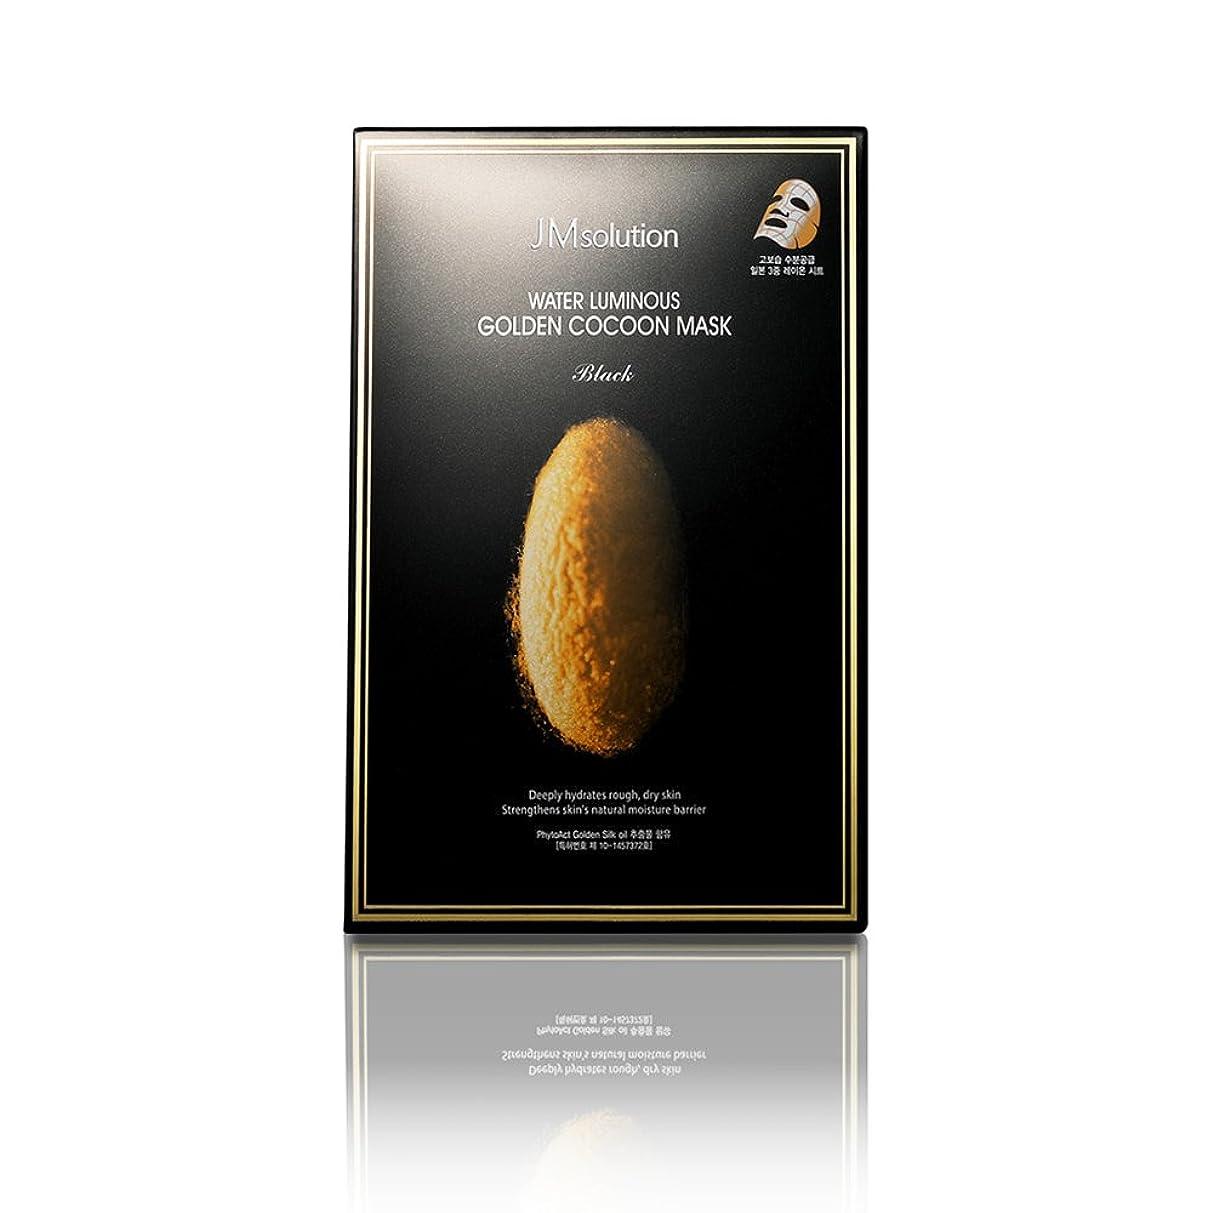 ではごきげんよう主張約設定JMsolution Water Luminous Golden Cocoon Mask Black 45g × 10ea/JMソリューション ウォーター ルミナス ゴールデン コクーン マスク ブラック 45g × 10枚 [並行輸入品]